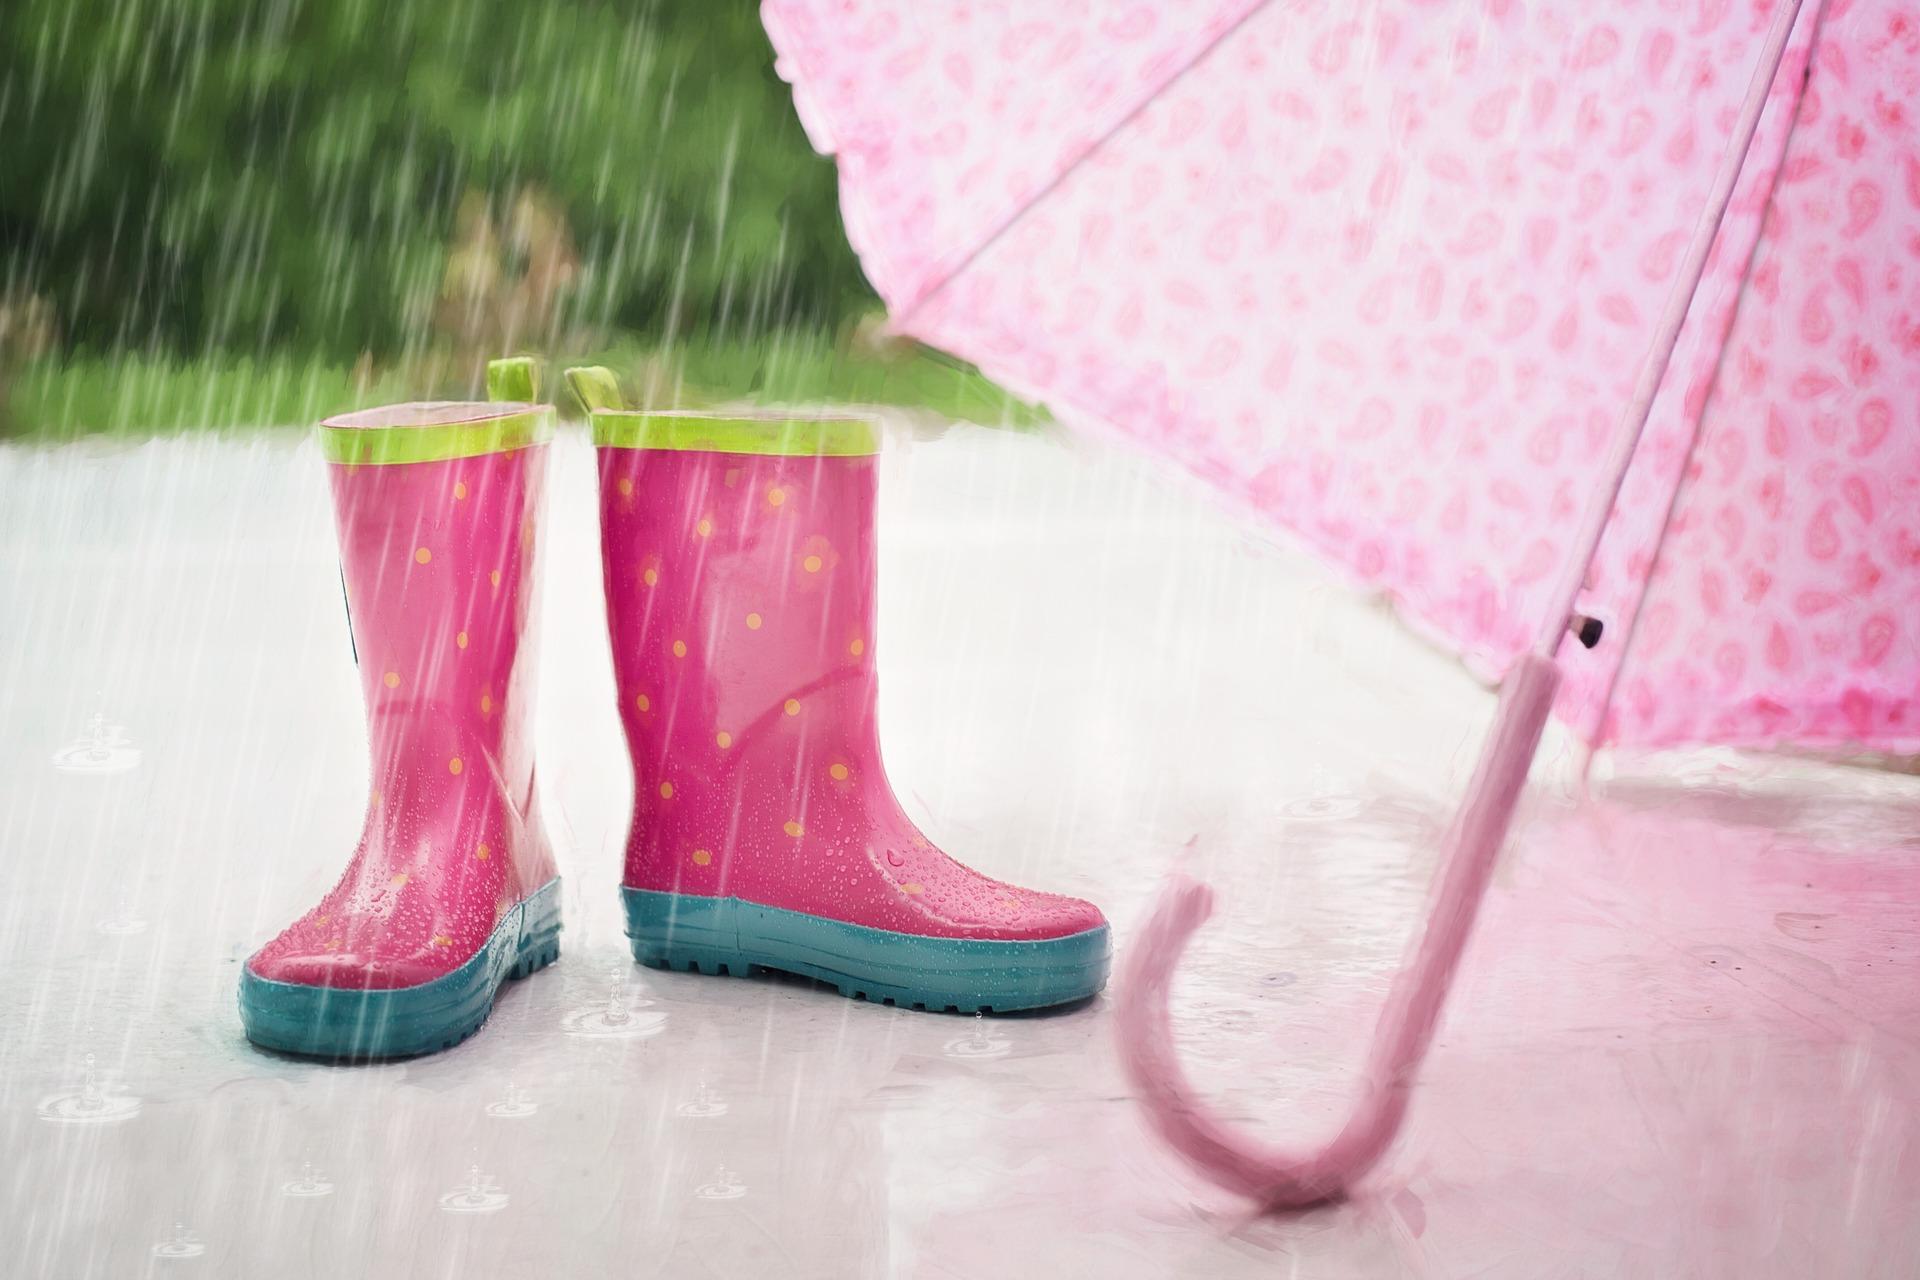 bottes et parapluie